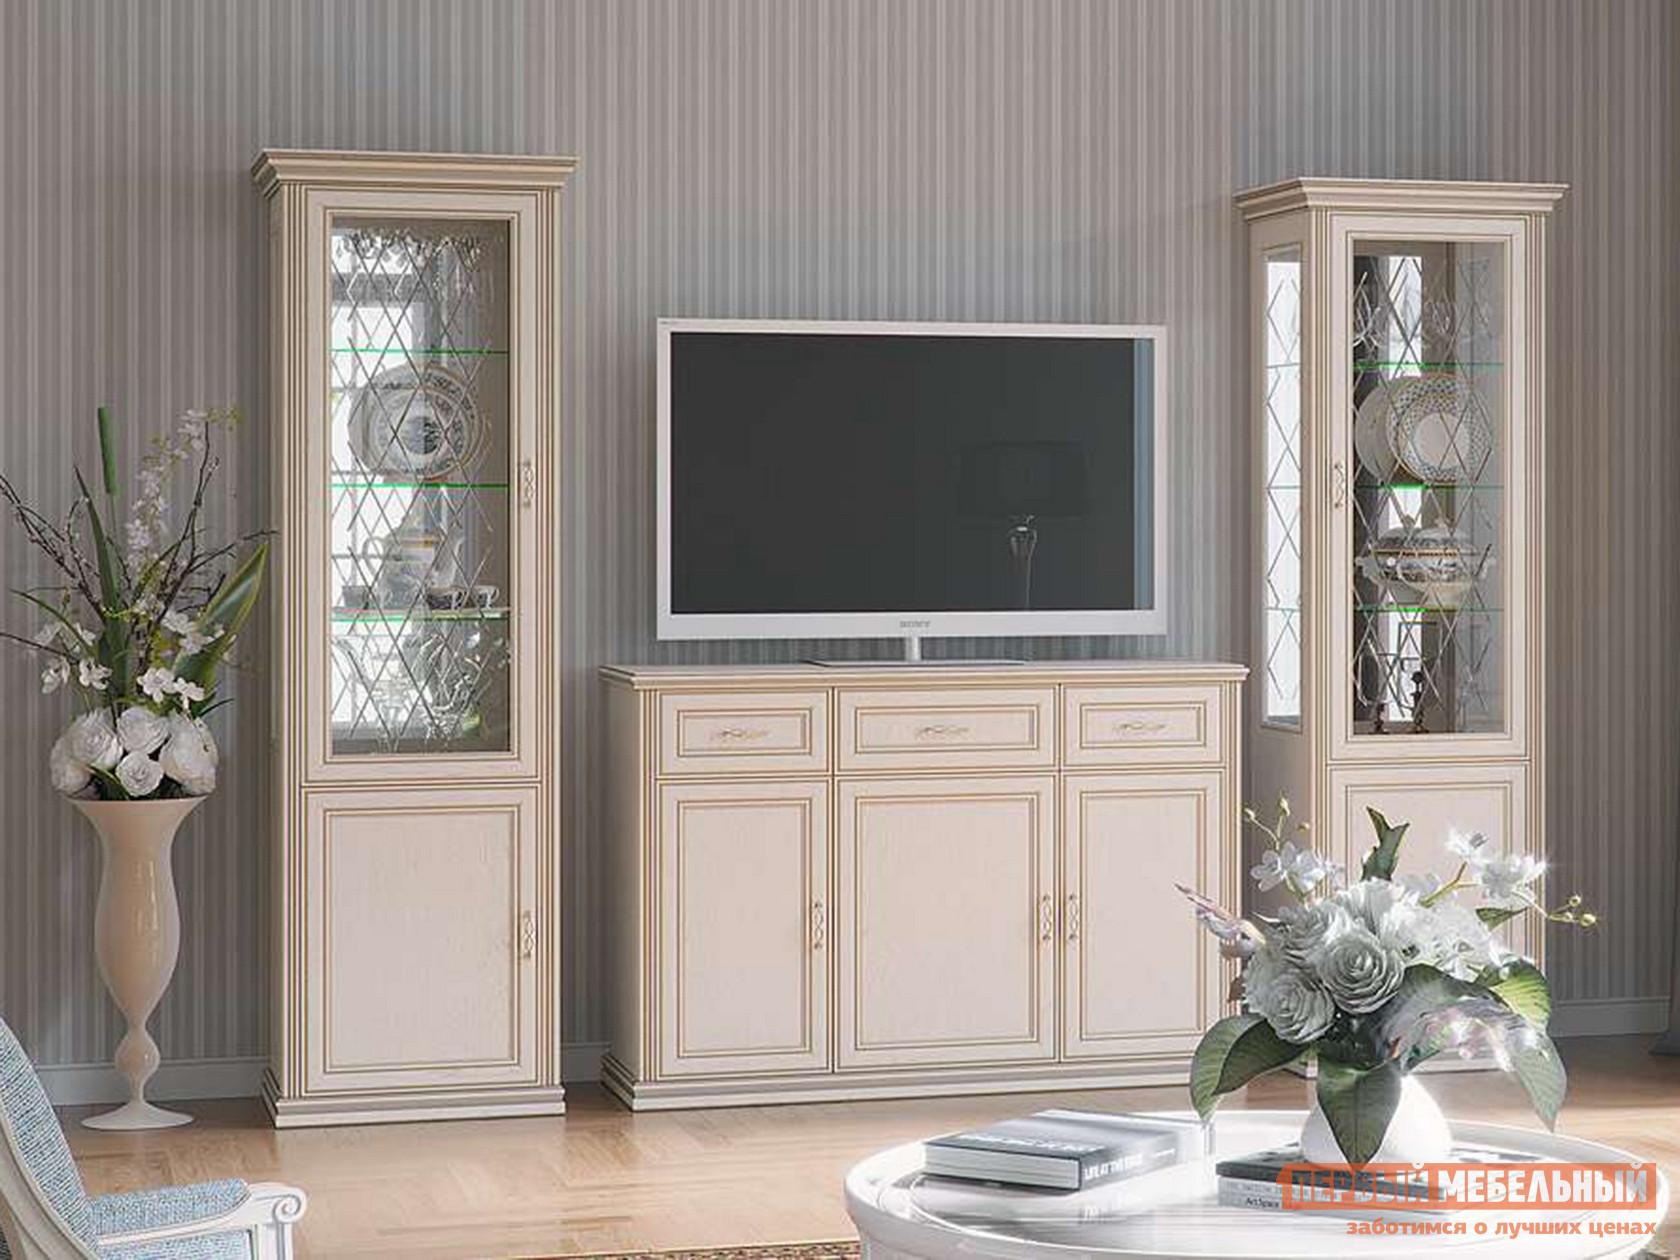 Гостиная Первый Мебельный Гостиная Венето гостиная первый мебельный гостиная прованс софт